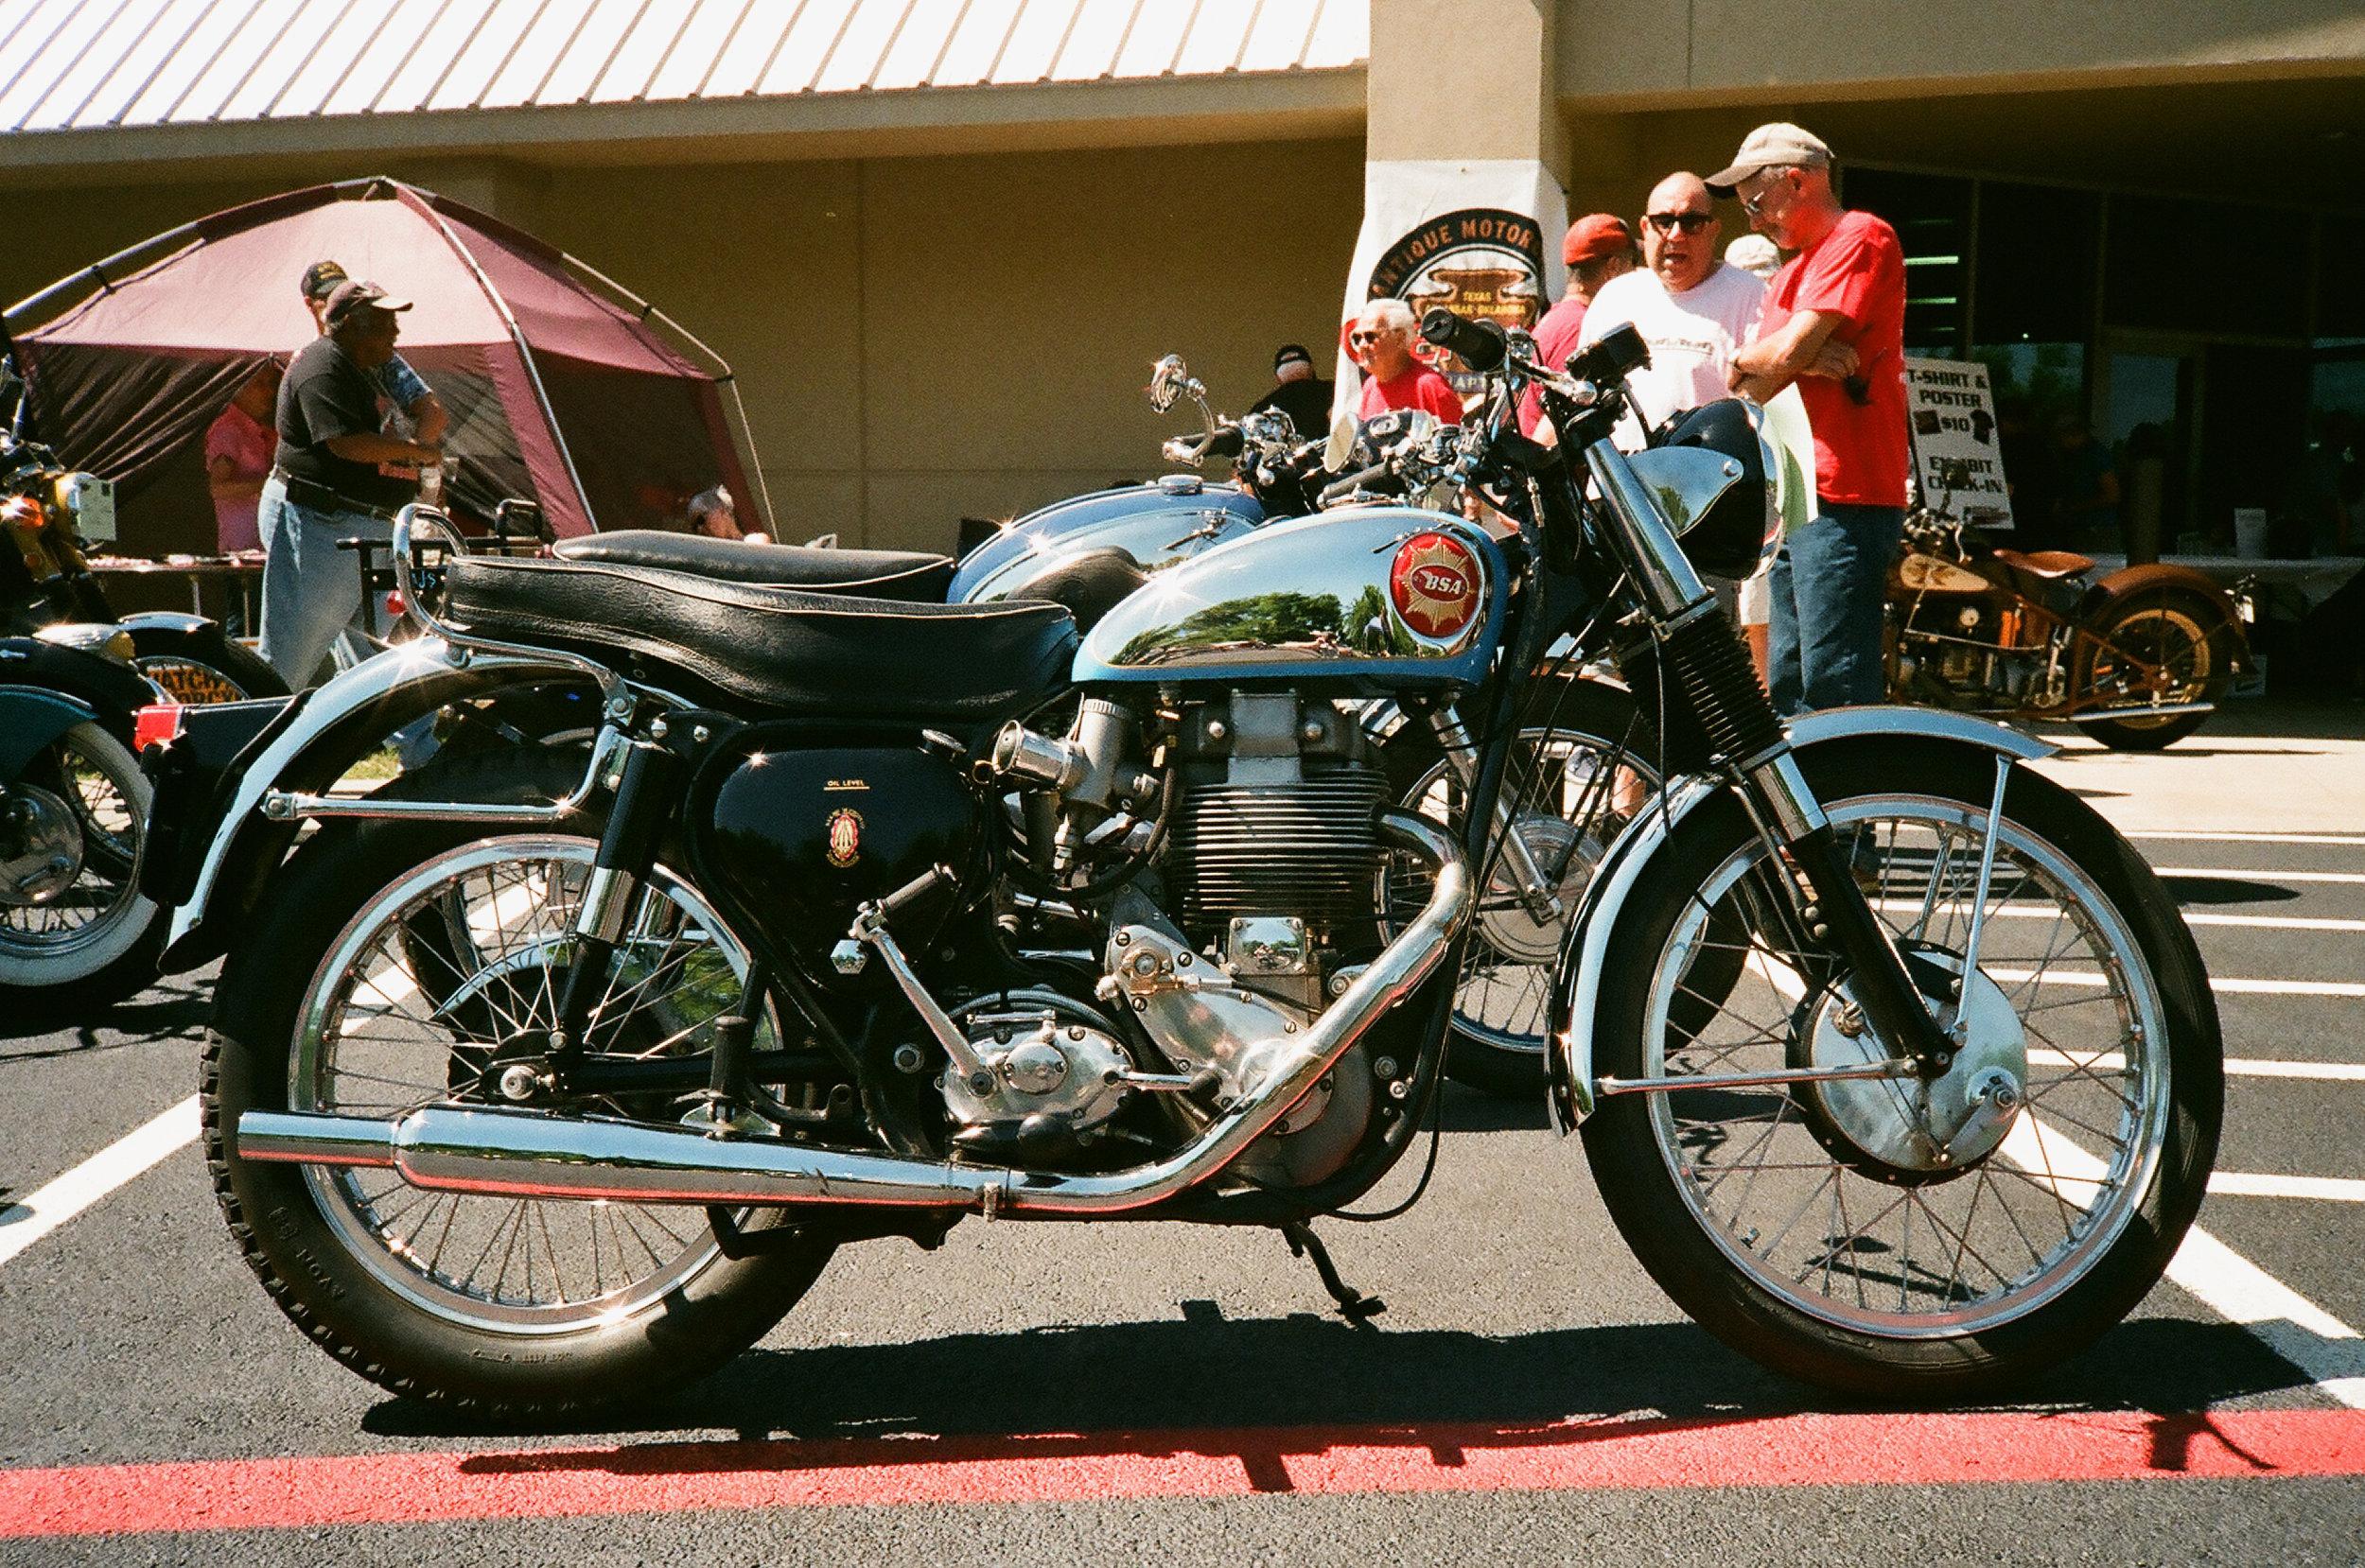 texas-motorcycle-revival-2017-58500006.jpg